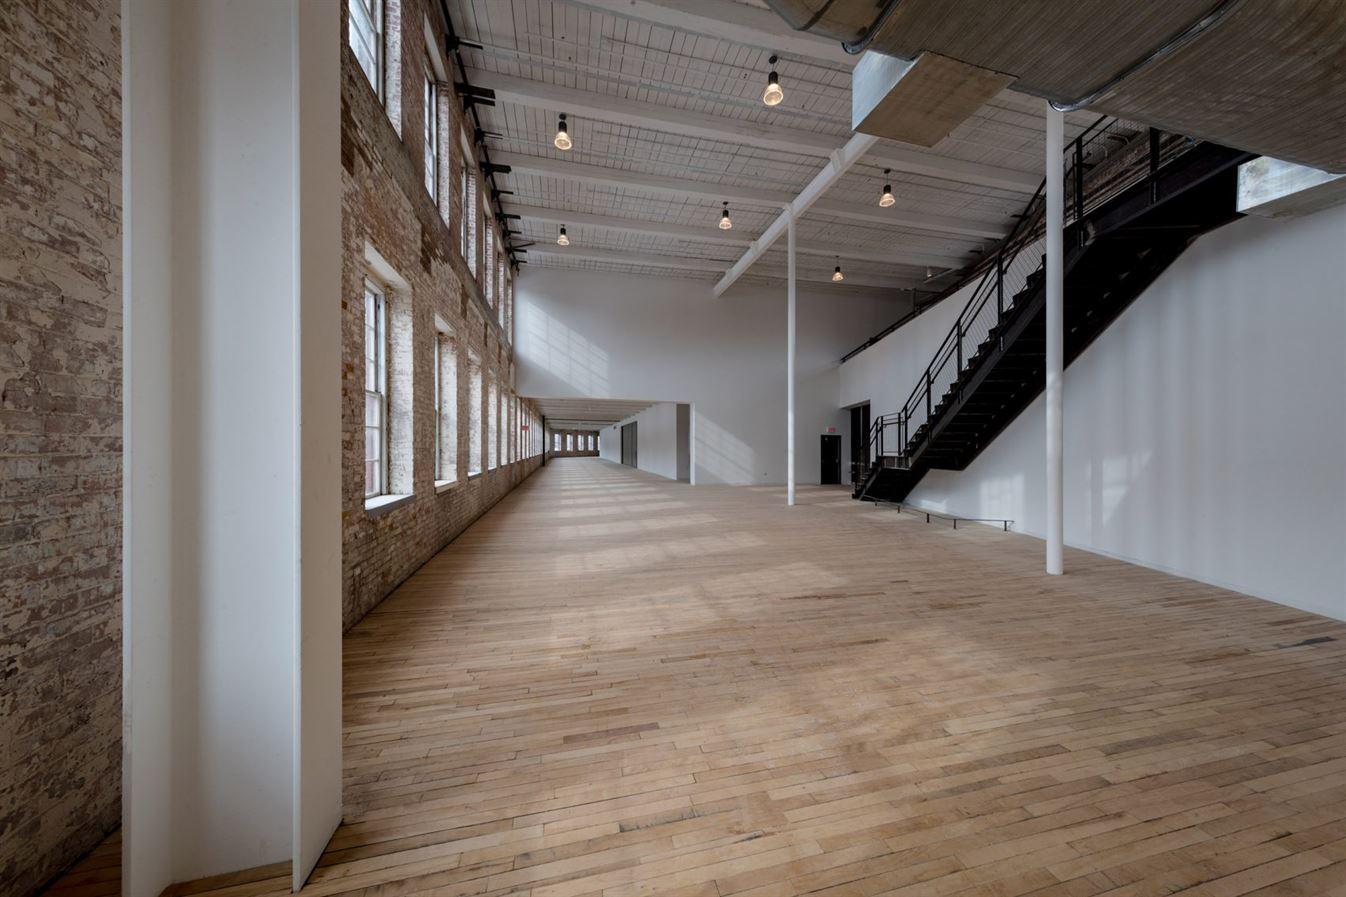 bruner-cott-mass-moca-massachusetts-museum-of-contemporary-art-museum-textile-factory1111-berkshires-expansion-renovation_dezeen_2-1704